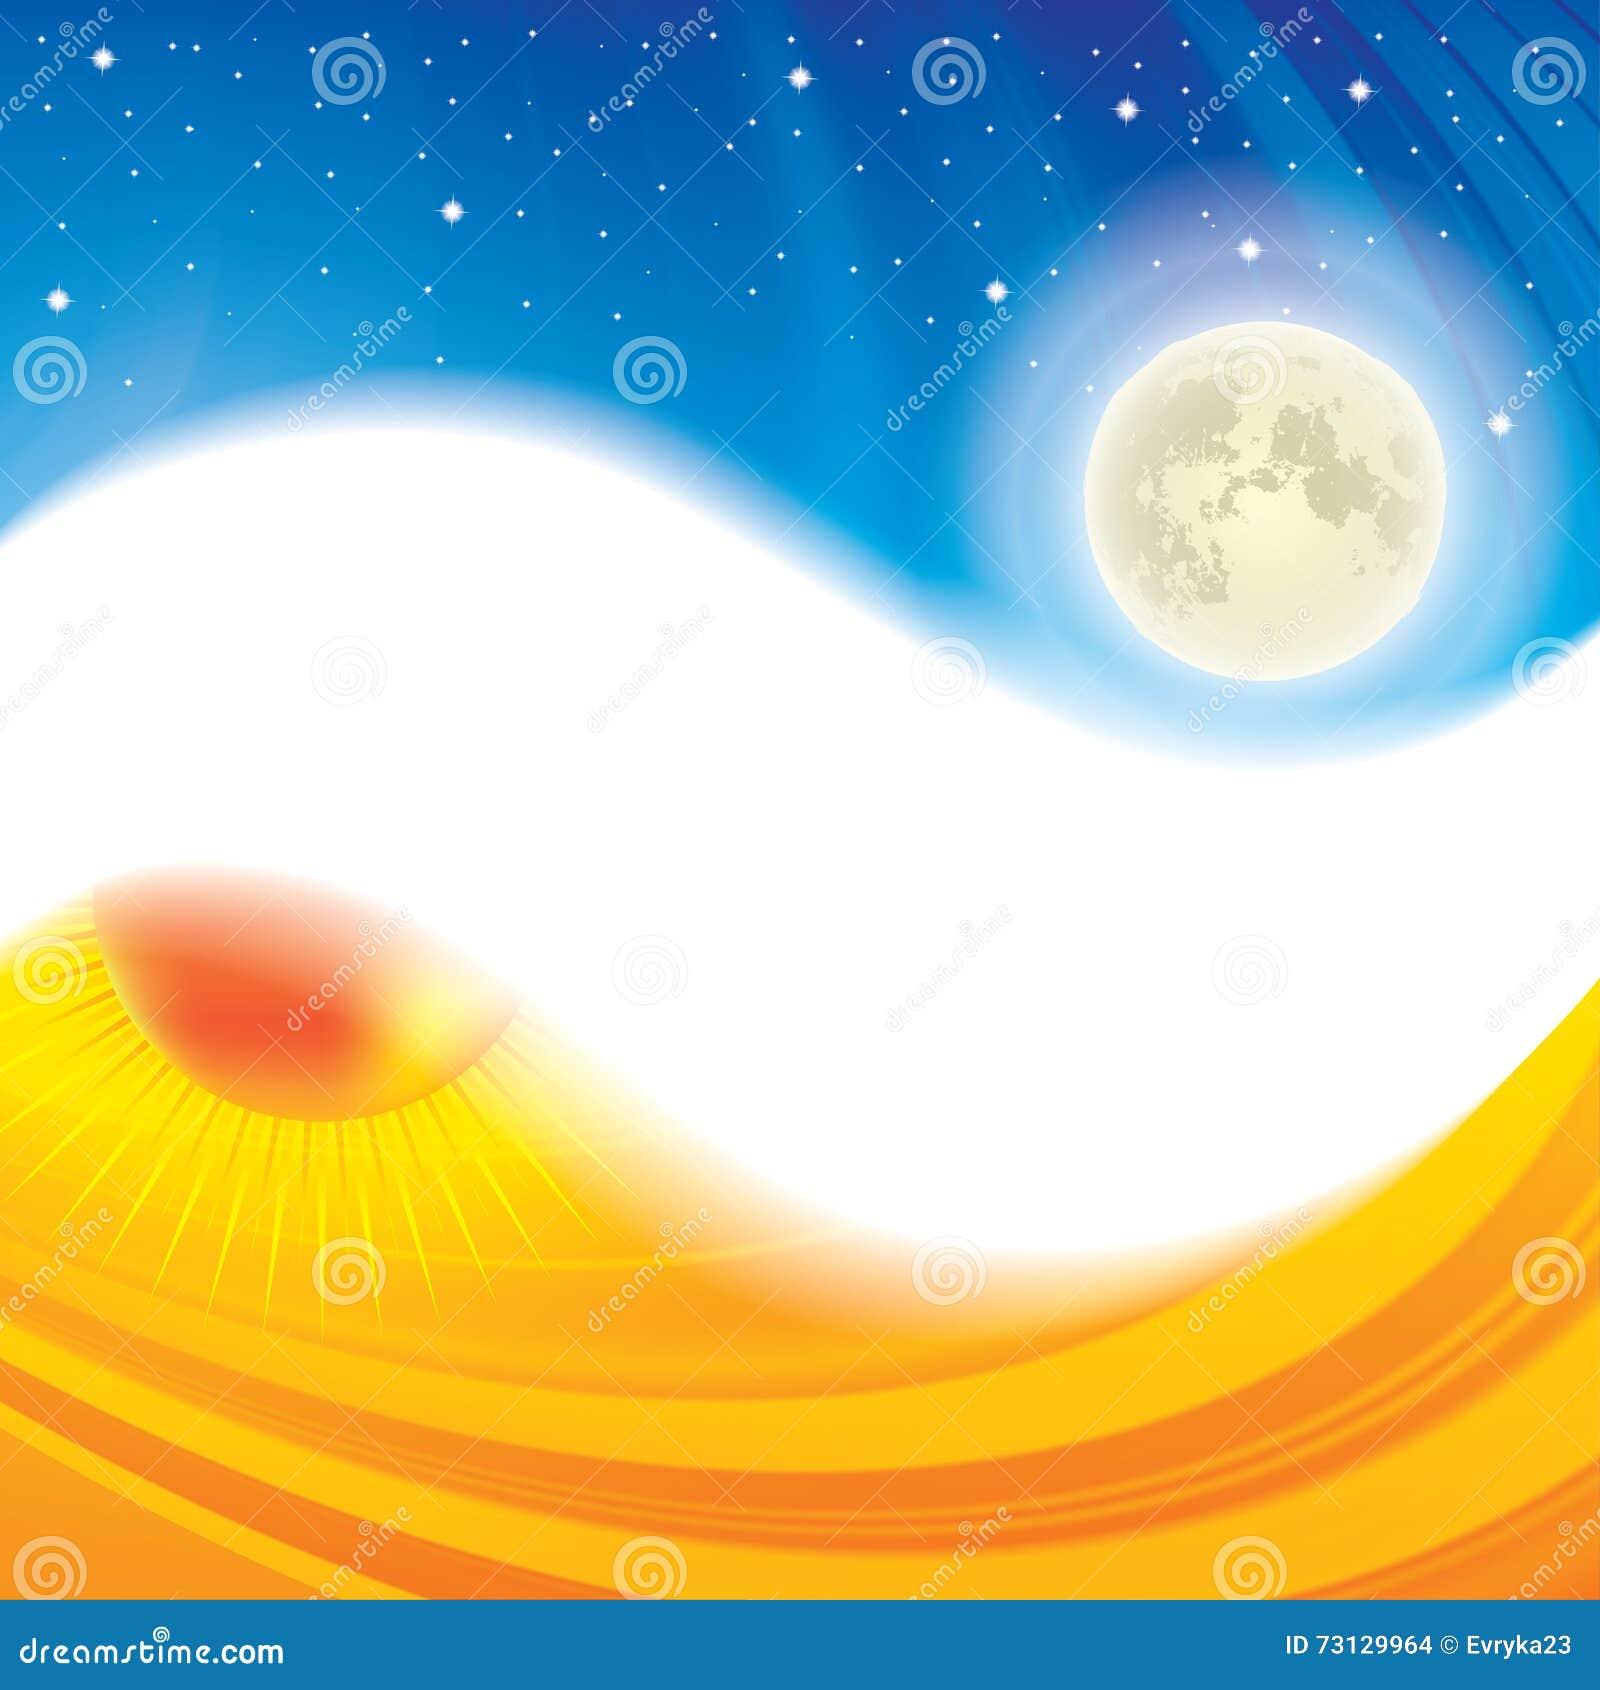 Μέρα και νύχτα ying yang υπόβαθρο έννοιας